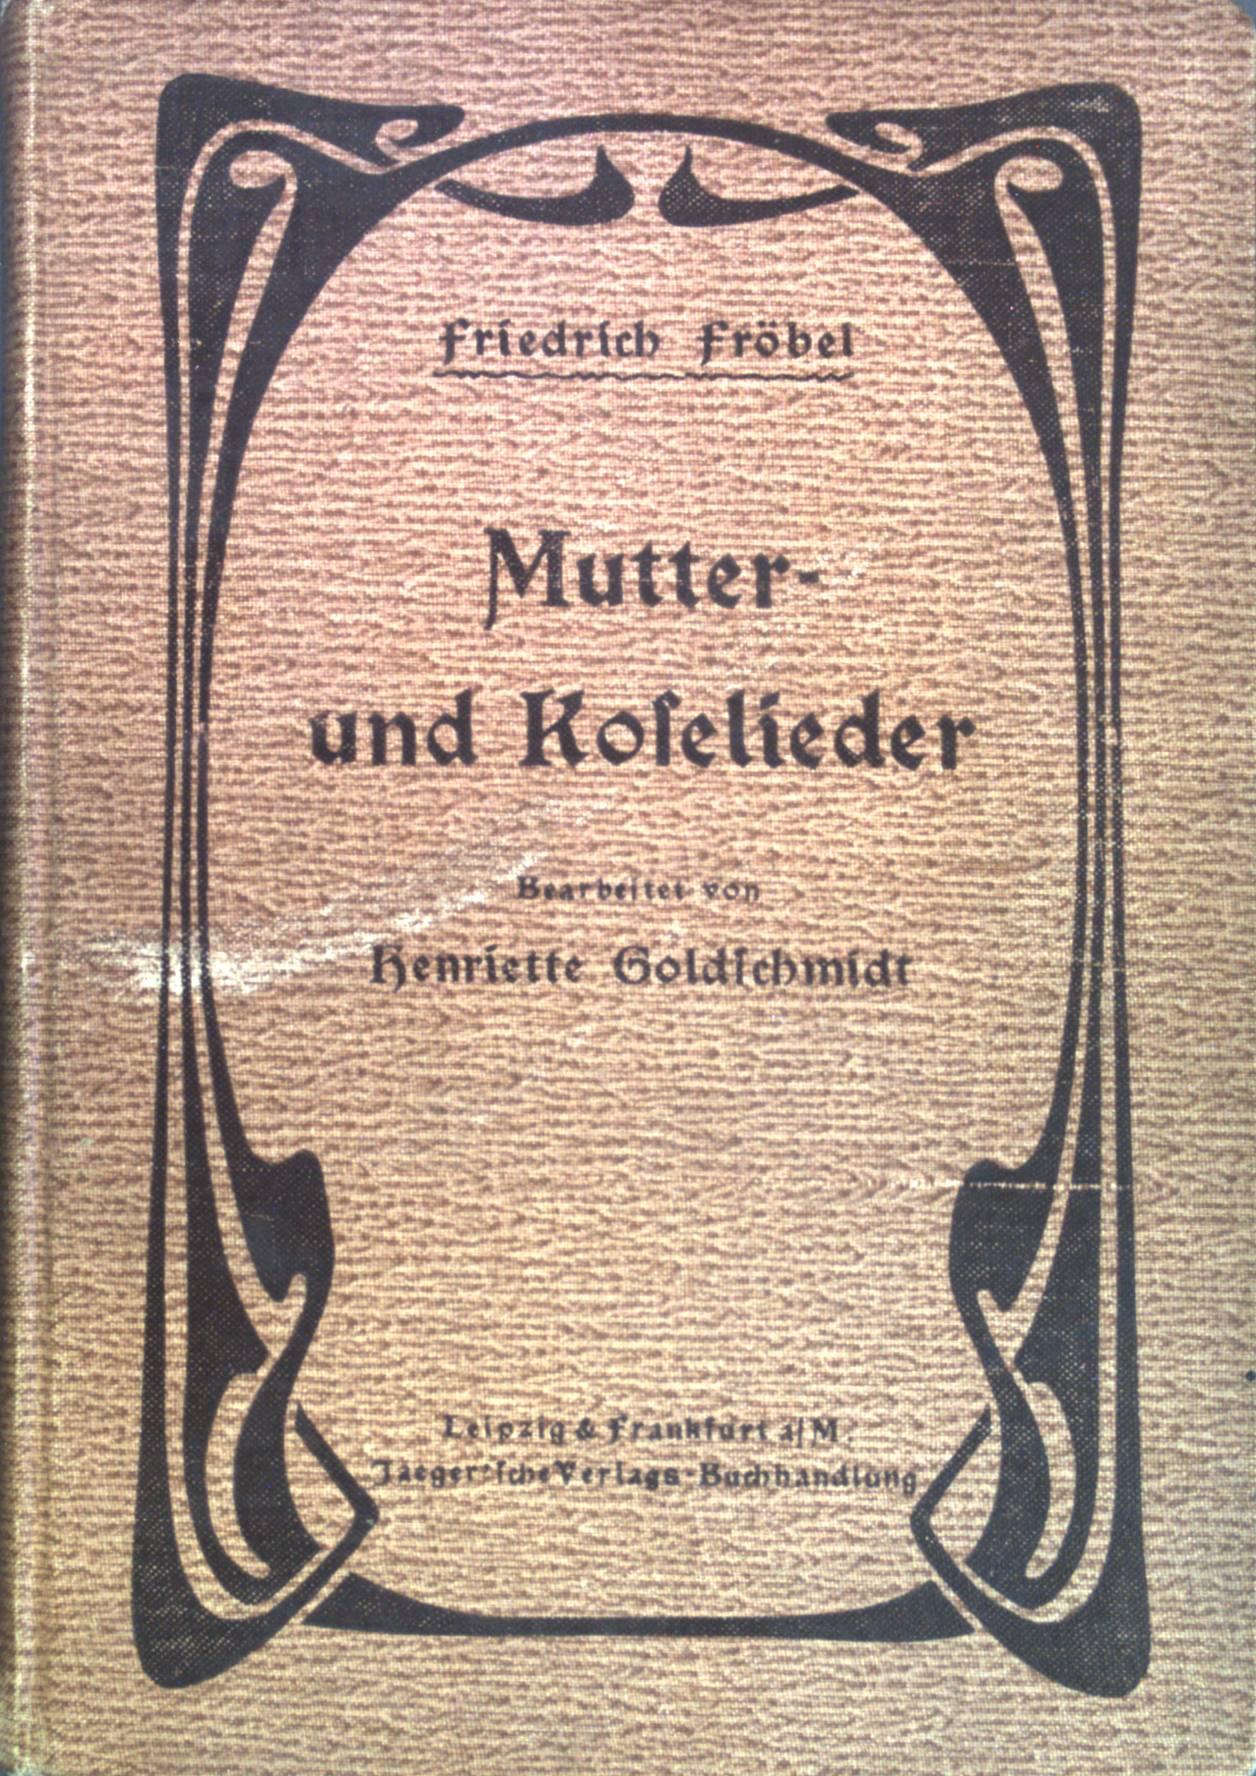 Mutter- und Koselieder : Dichtung und Bilder.: Fröbel, Friedrich: